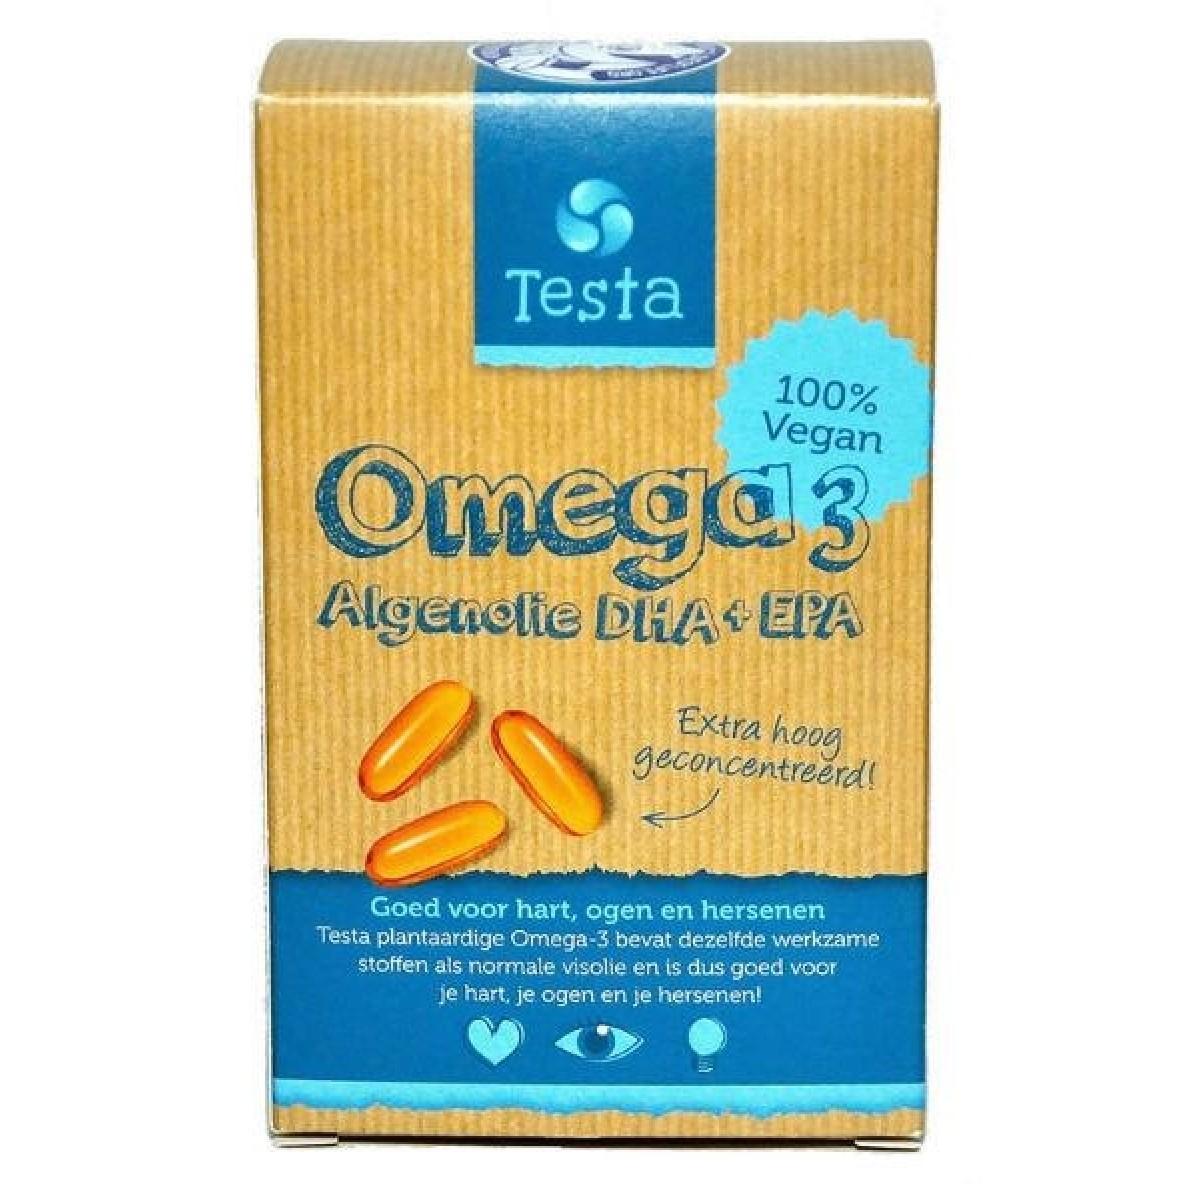 Omega-3 Algenolie DHA + EPA